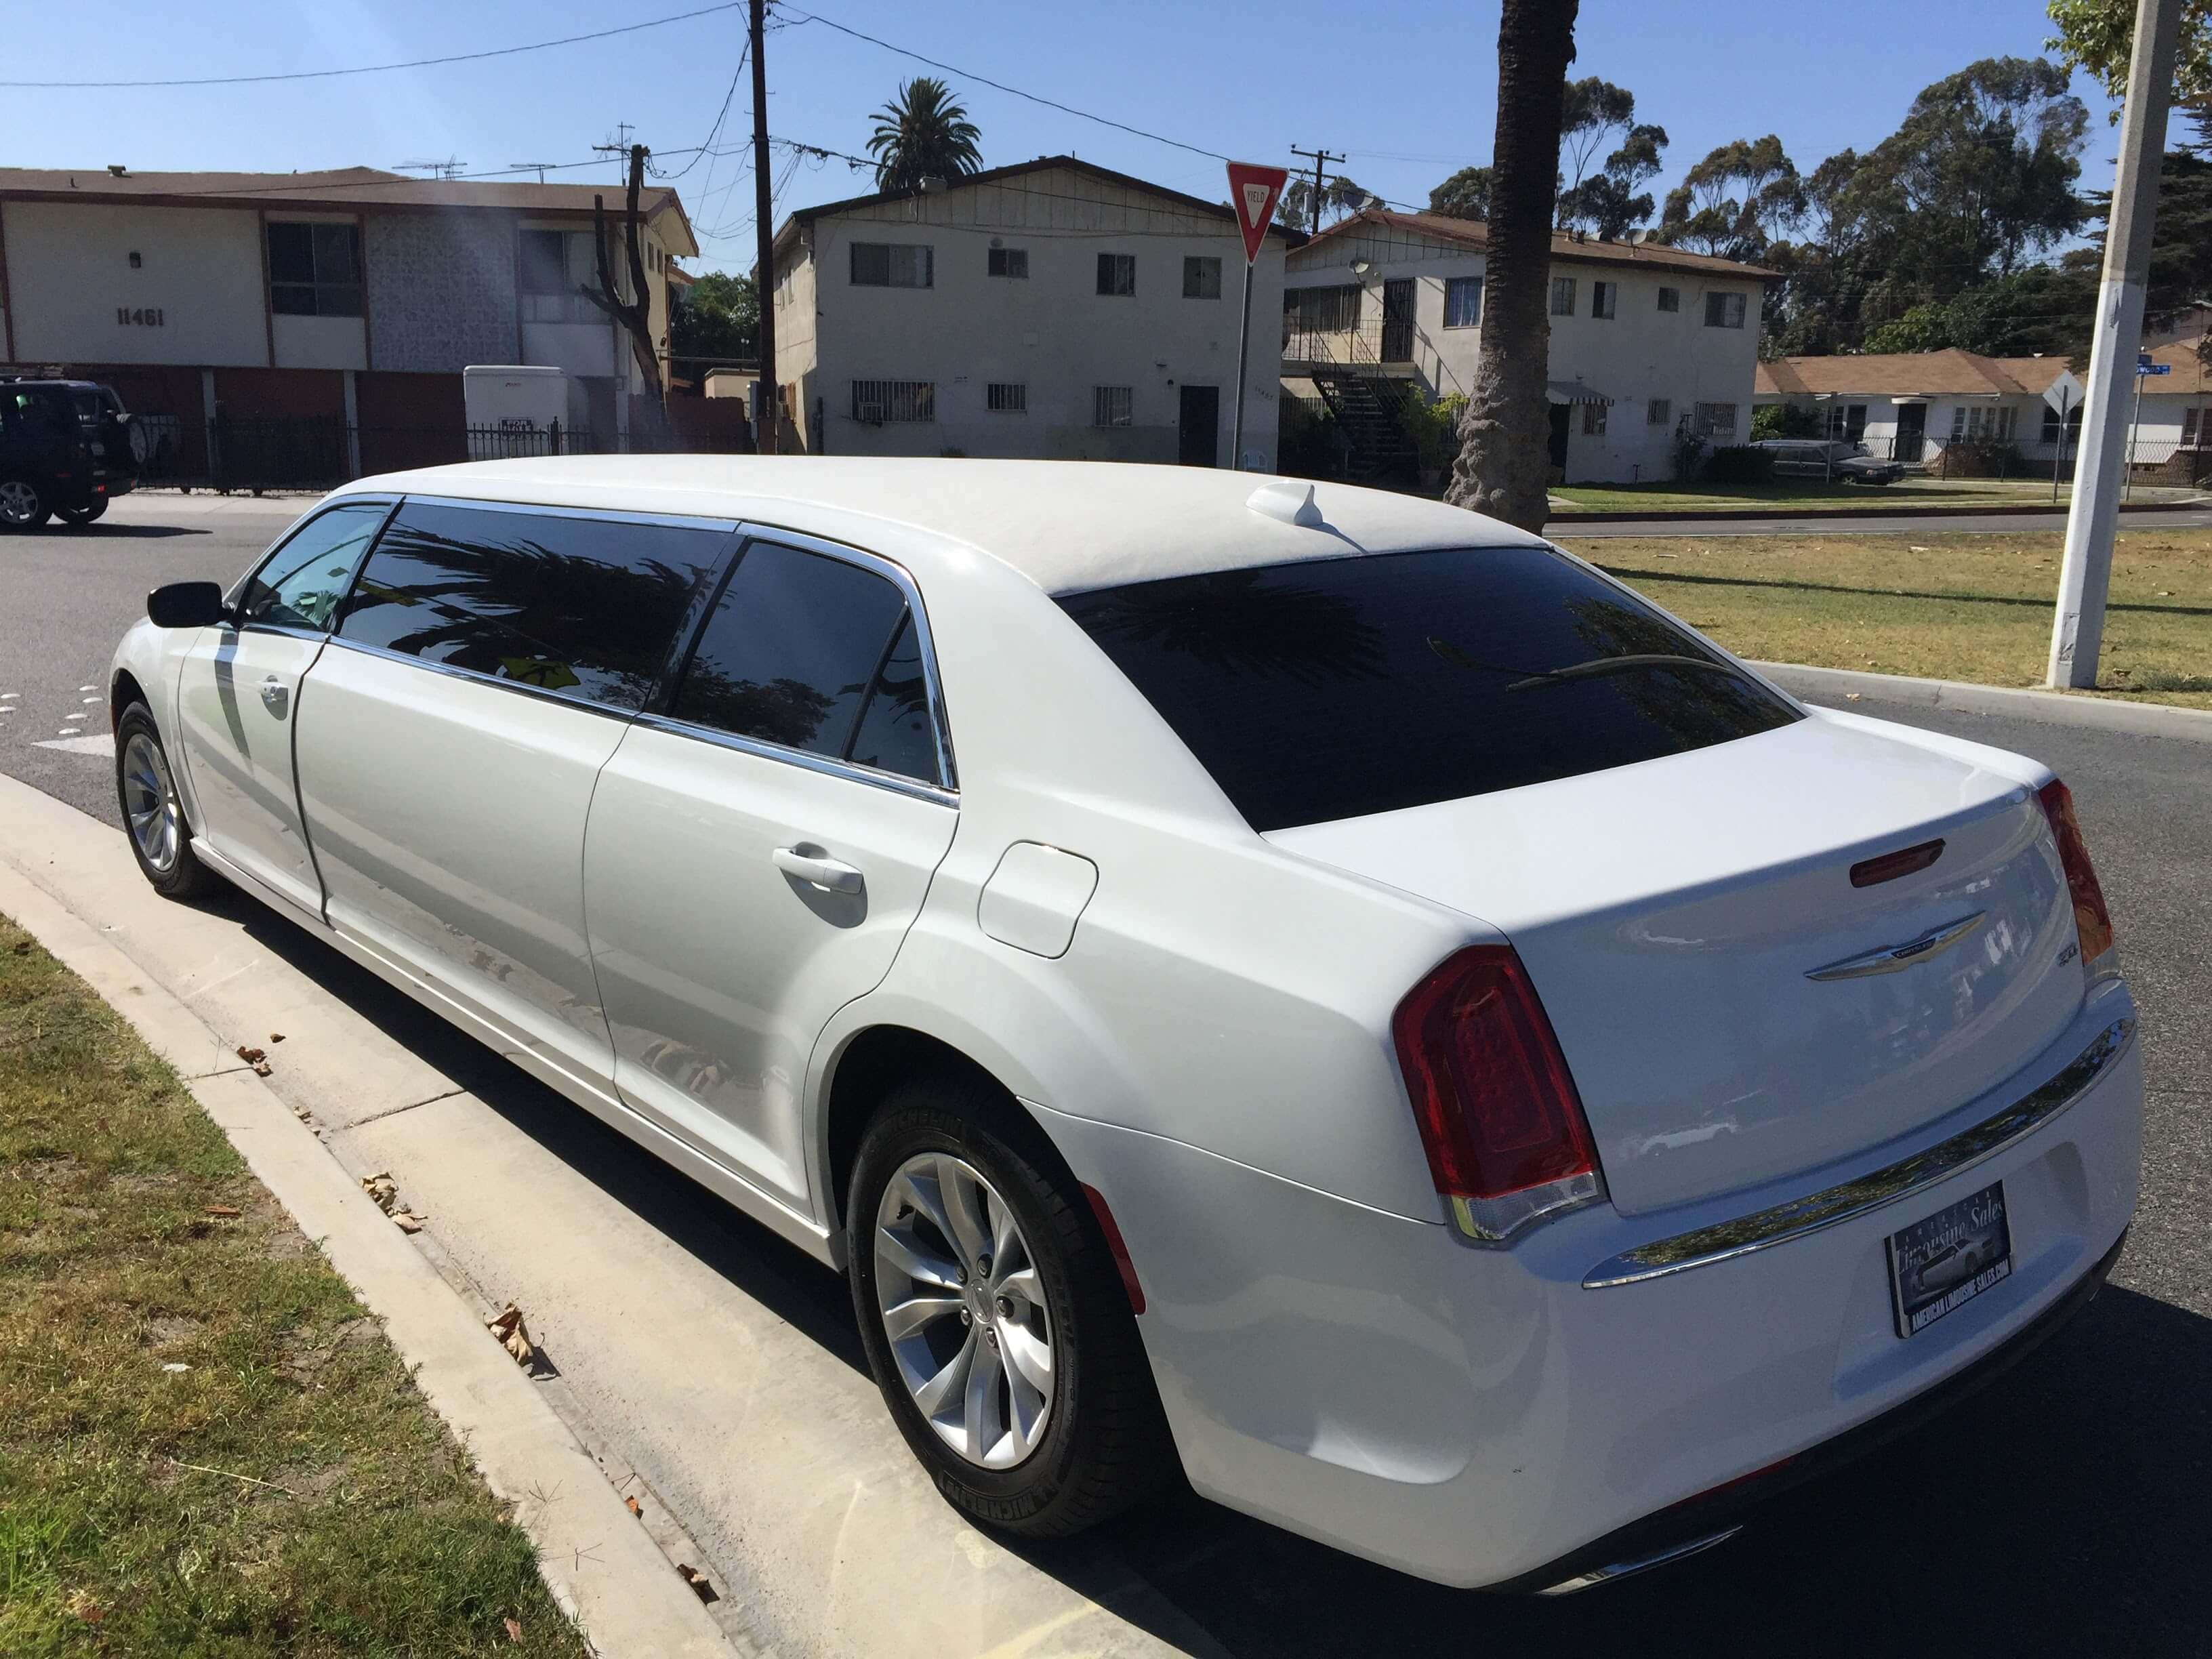 white 70-inch chrysler 300 limousine for sale #6228 left rear